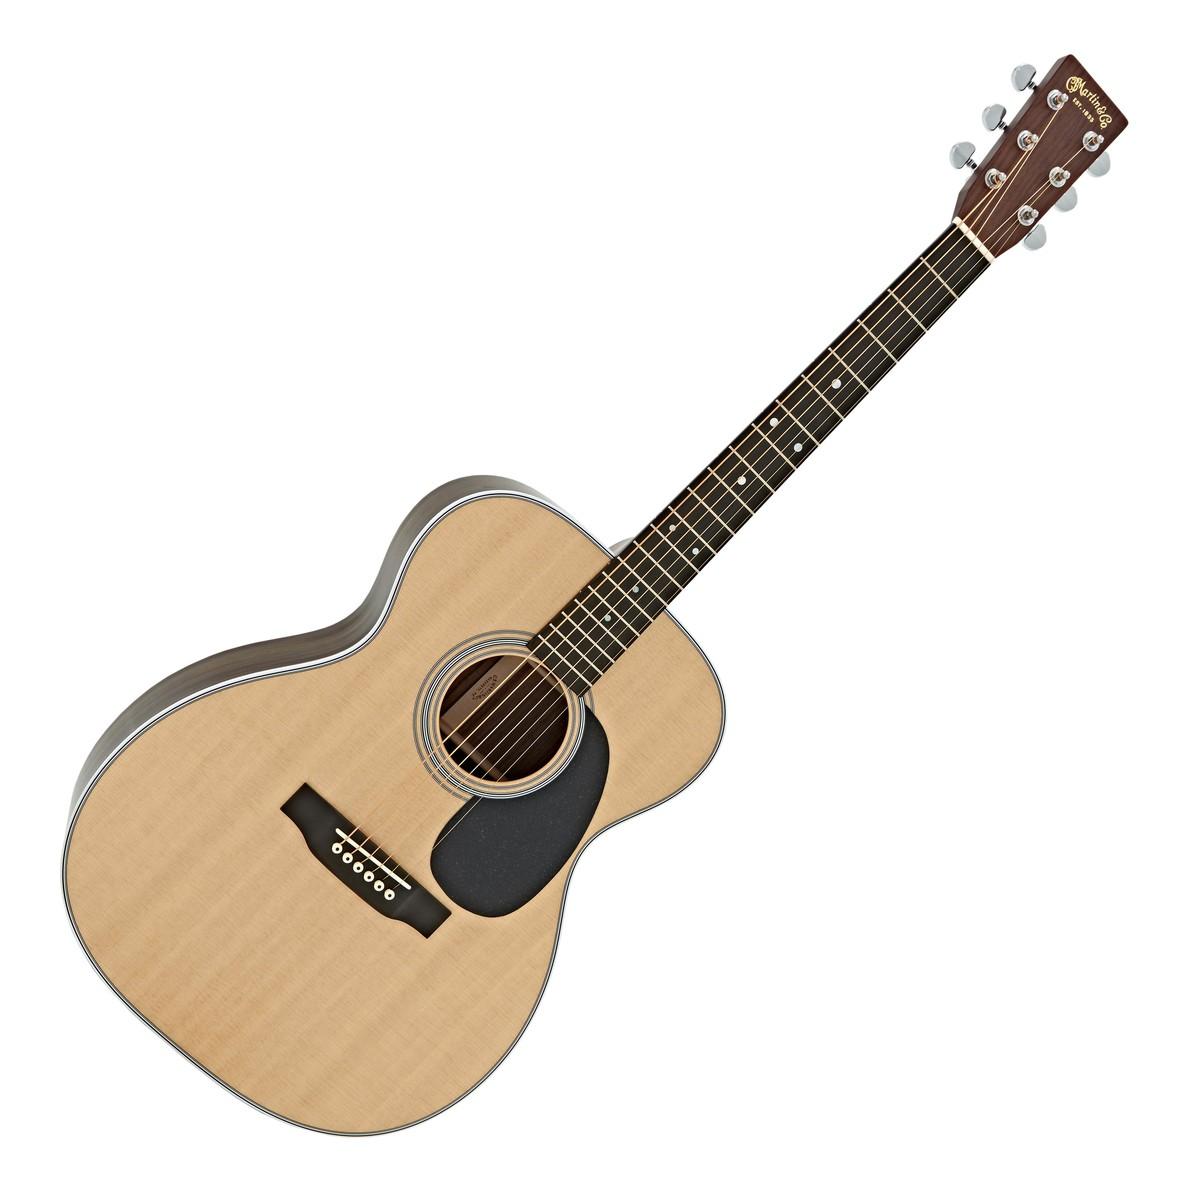 Martin 000 28 Auditorium Acoustic Guitar